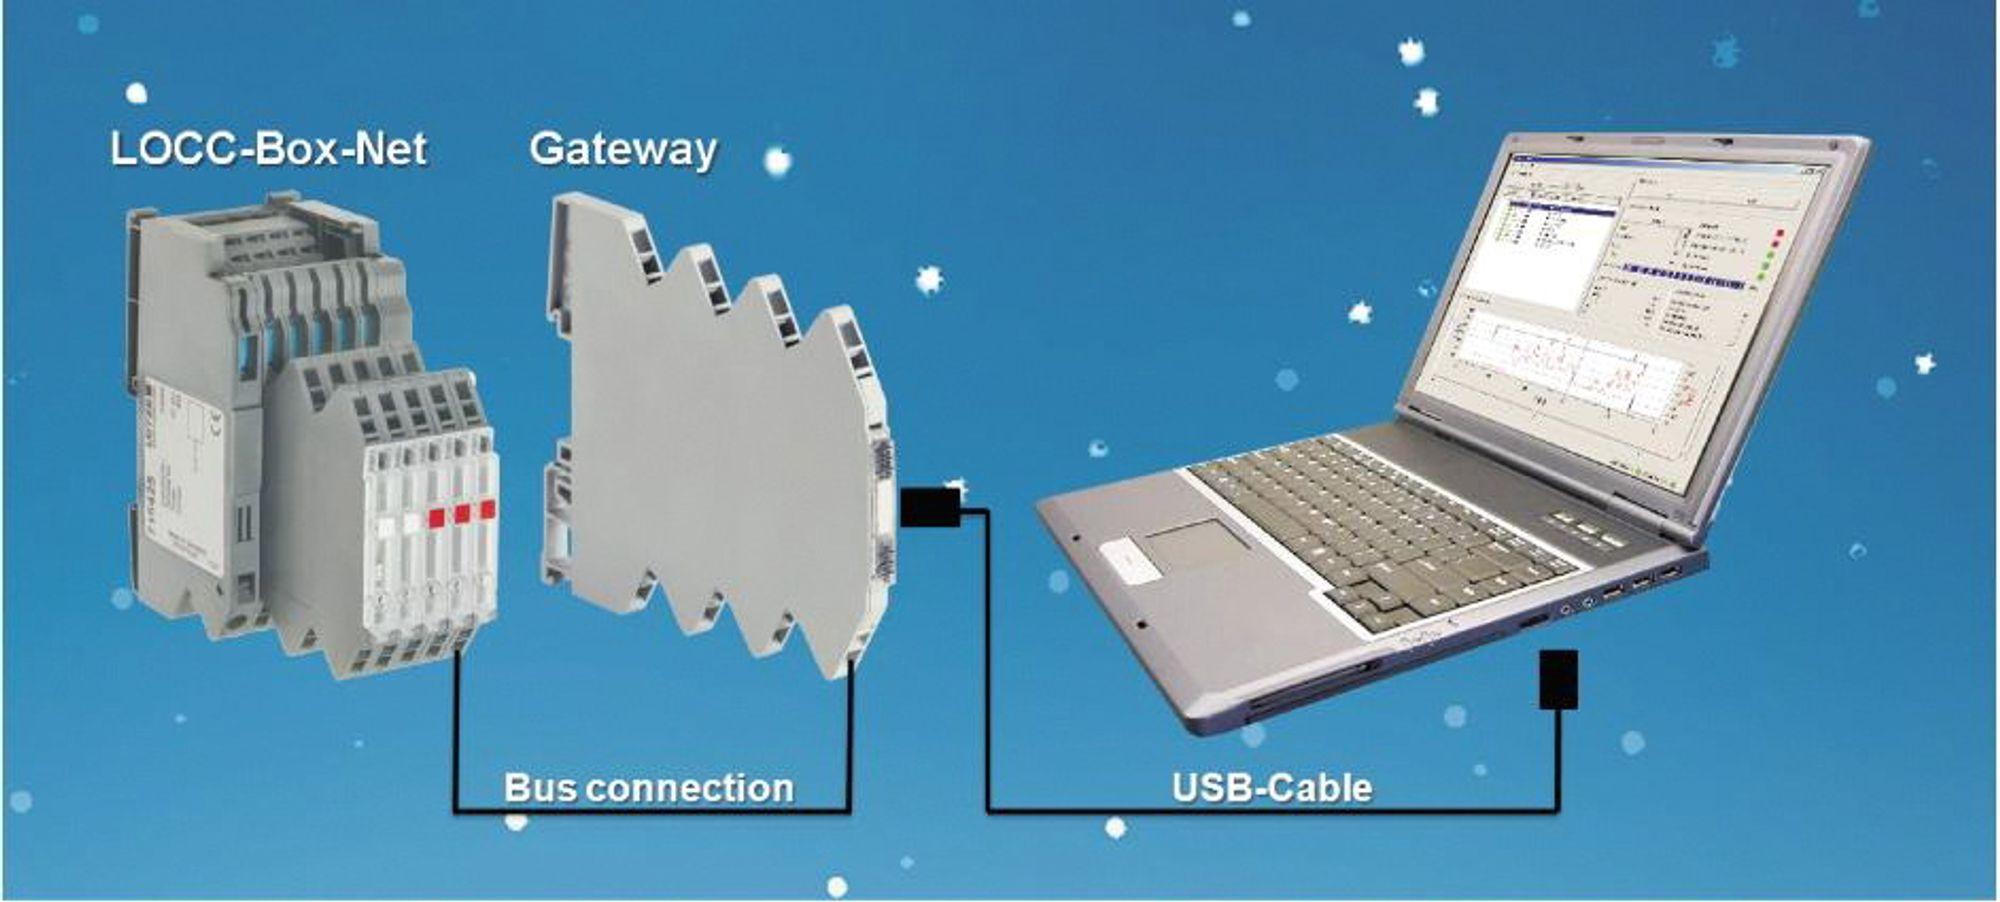 Overvåker konfigurerbare, elektroniske sikringer, med grensesnitt til PC eller kontrollsystem.